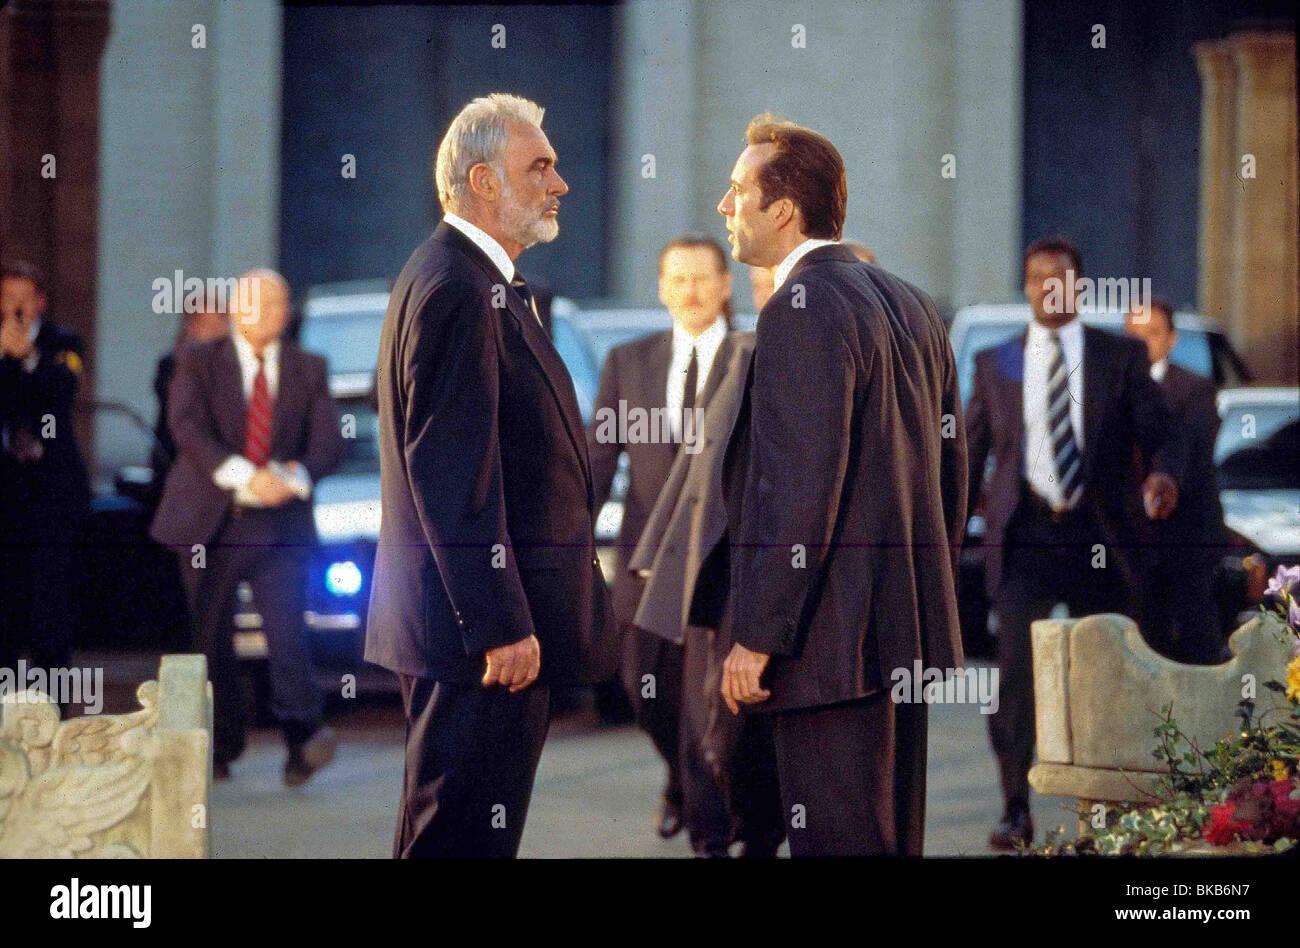 ¿Cuánto mide Nicolas Cage? - Altura - Real height La-roca-1996-sean-connery-nicolas-cage-rock-045-bkb6n7